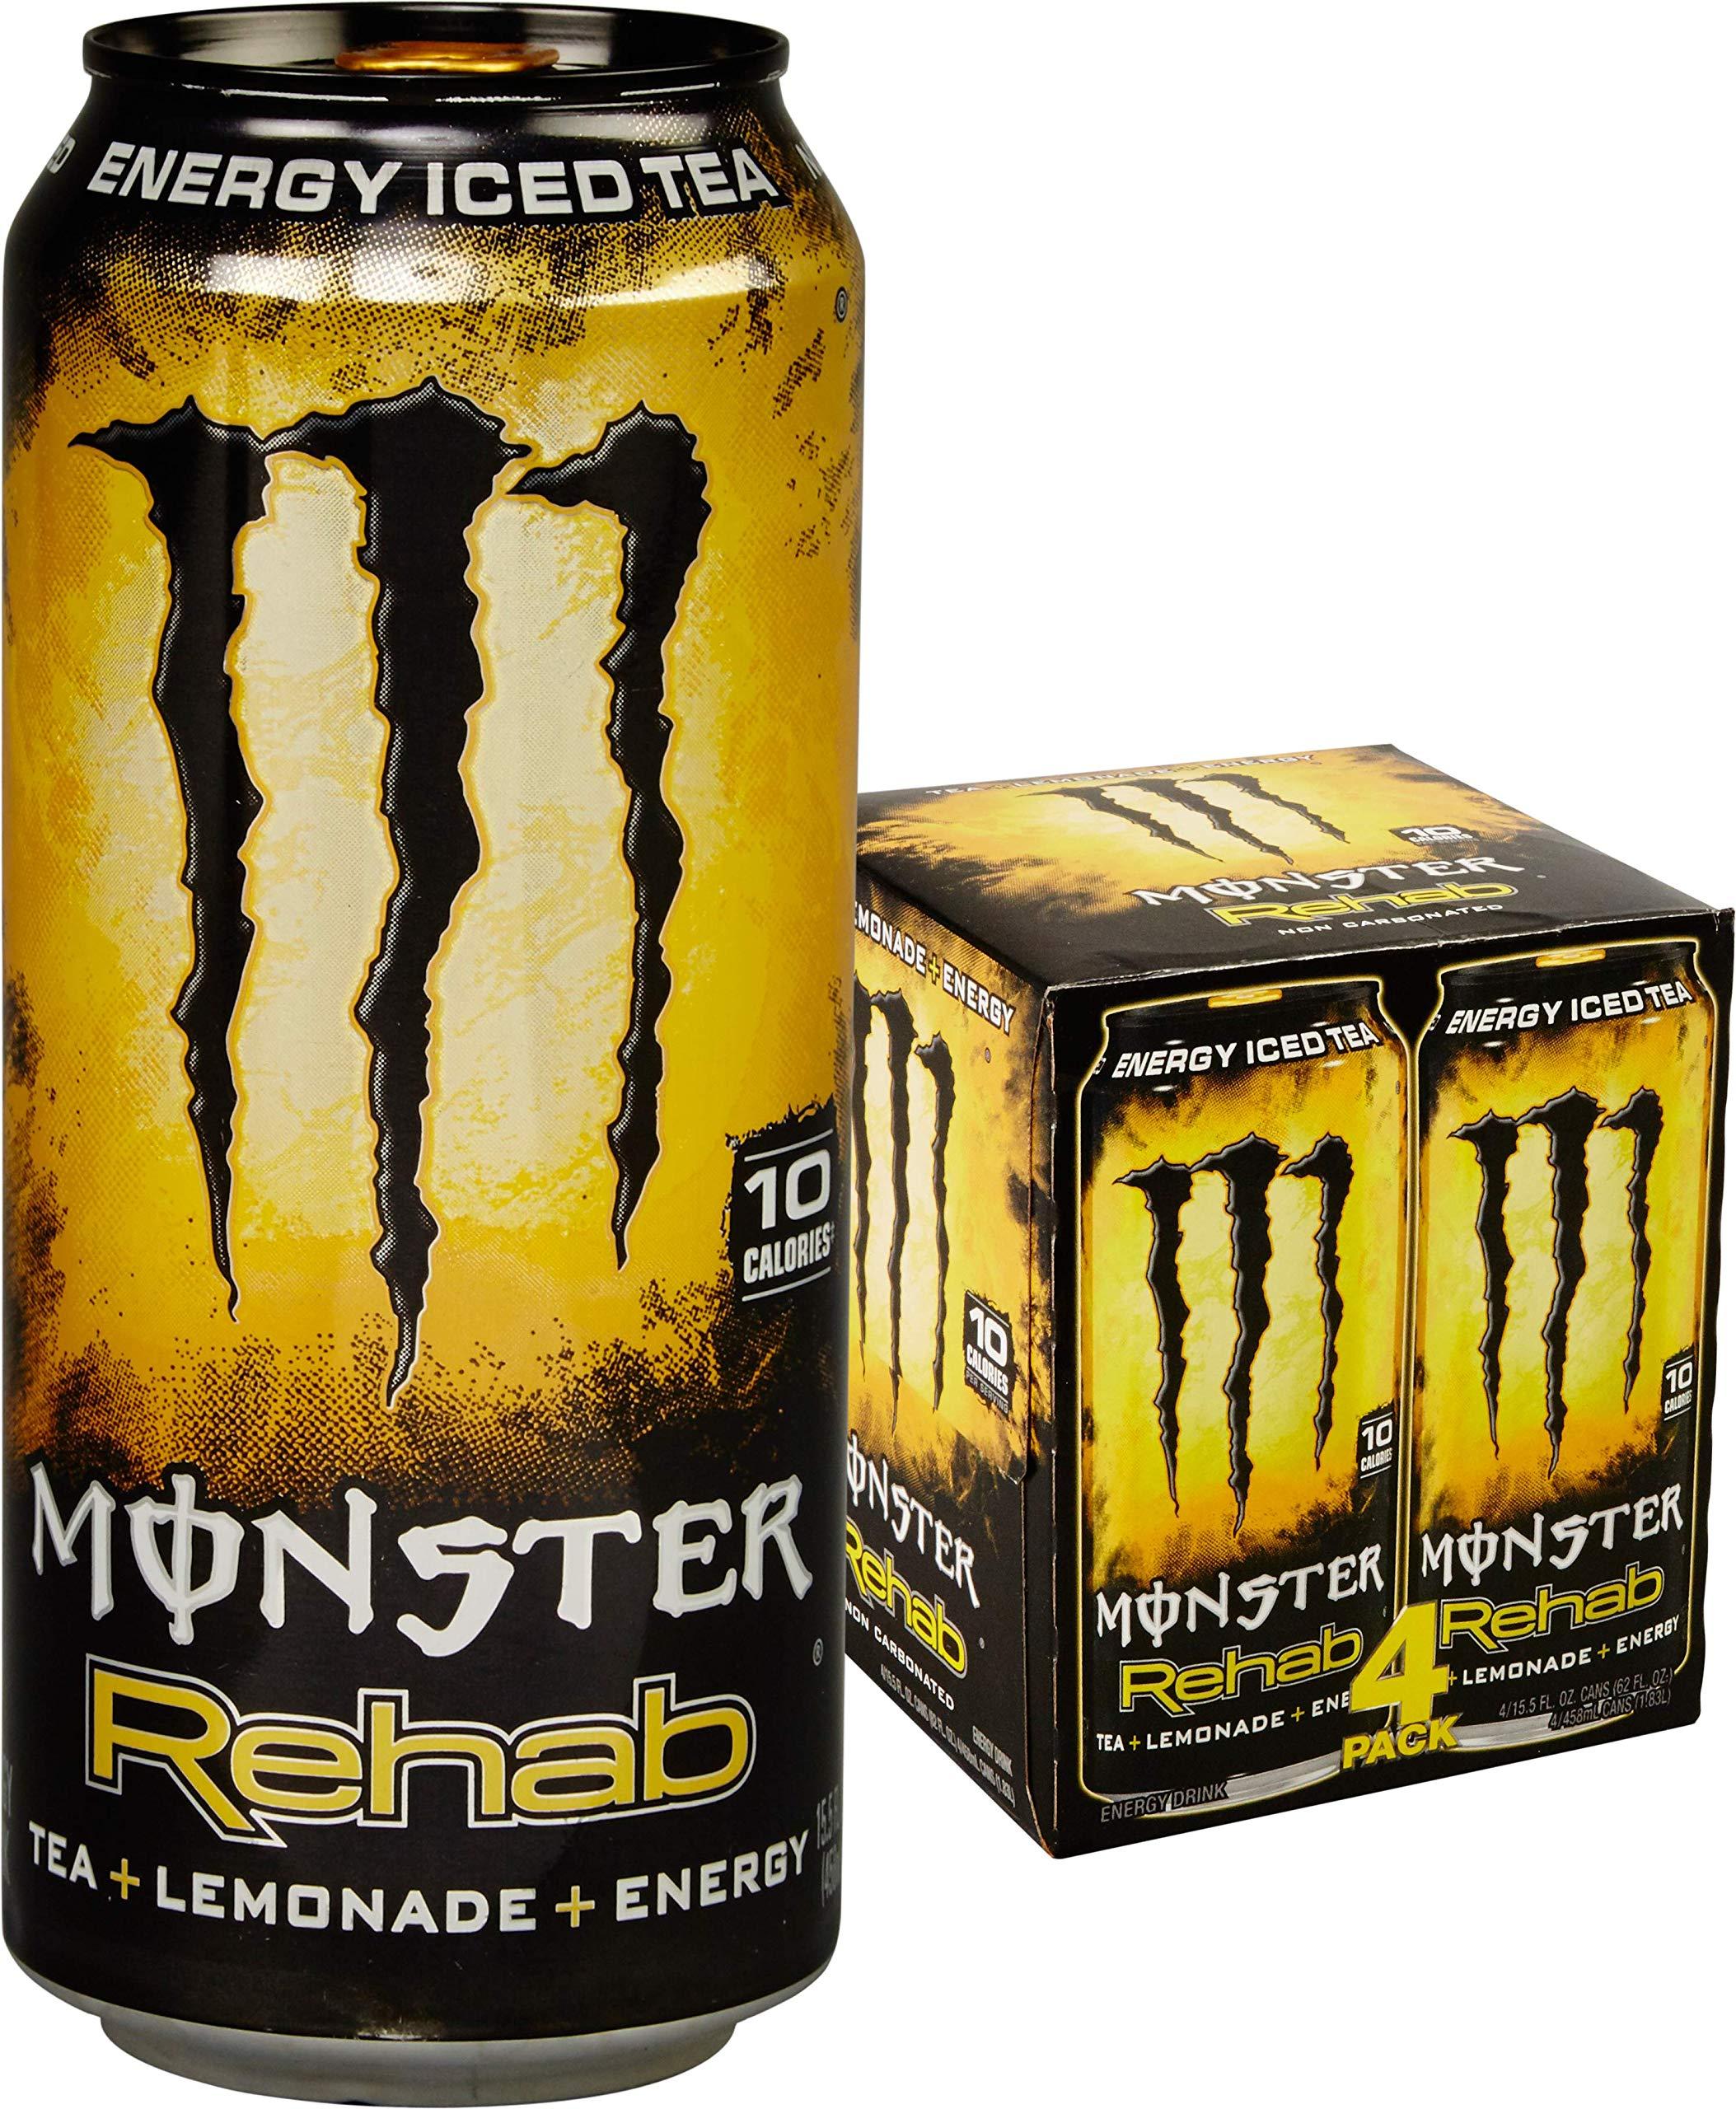 Monster Rehab, Tea + Lemonade, 15.5 fl oz, 4 Pack